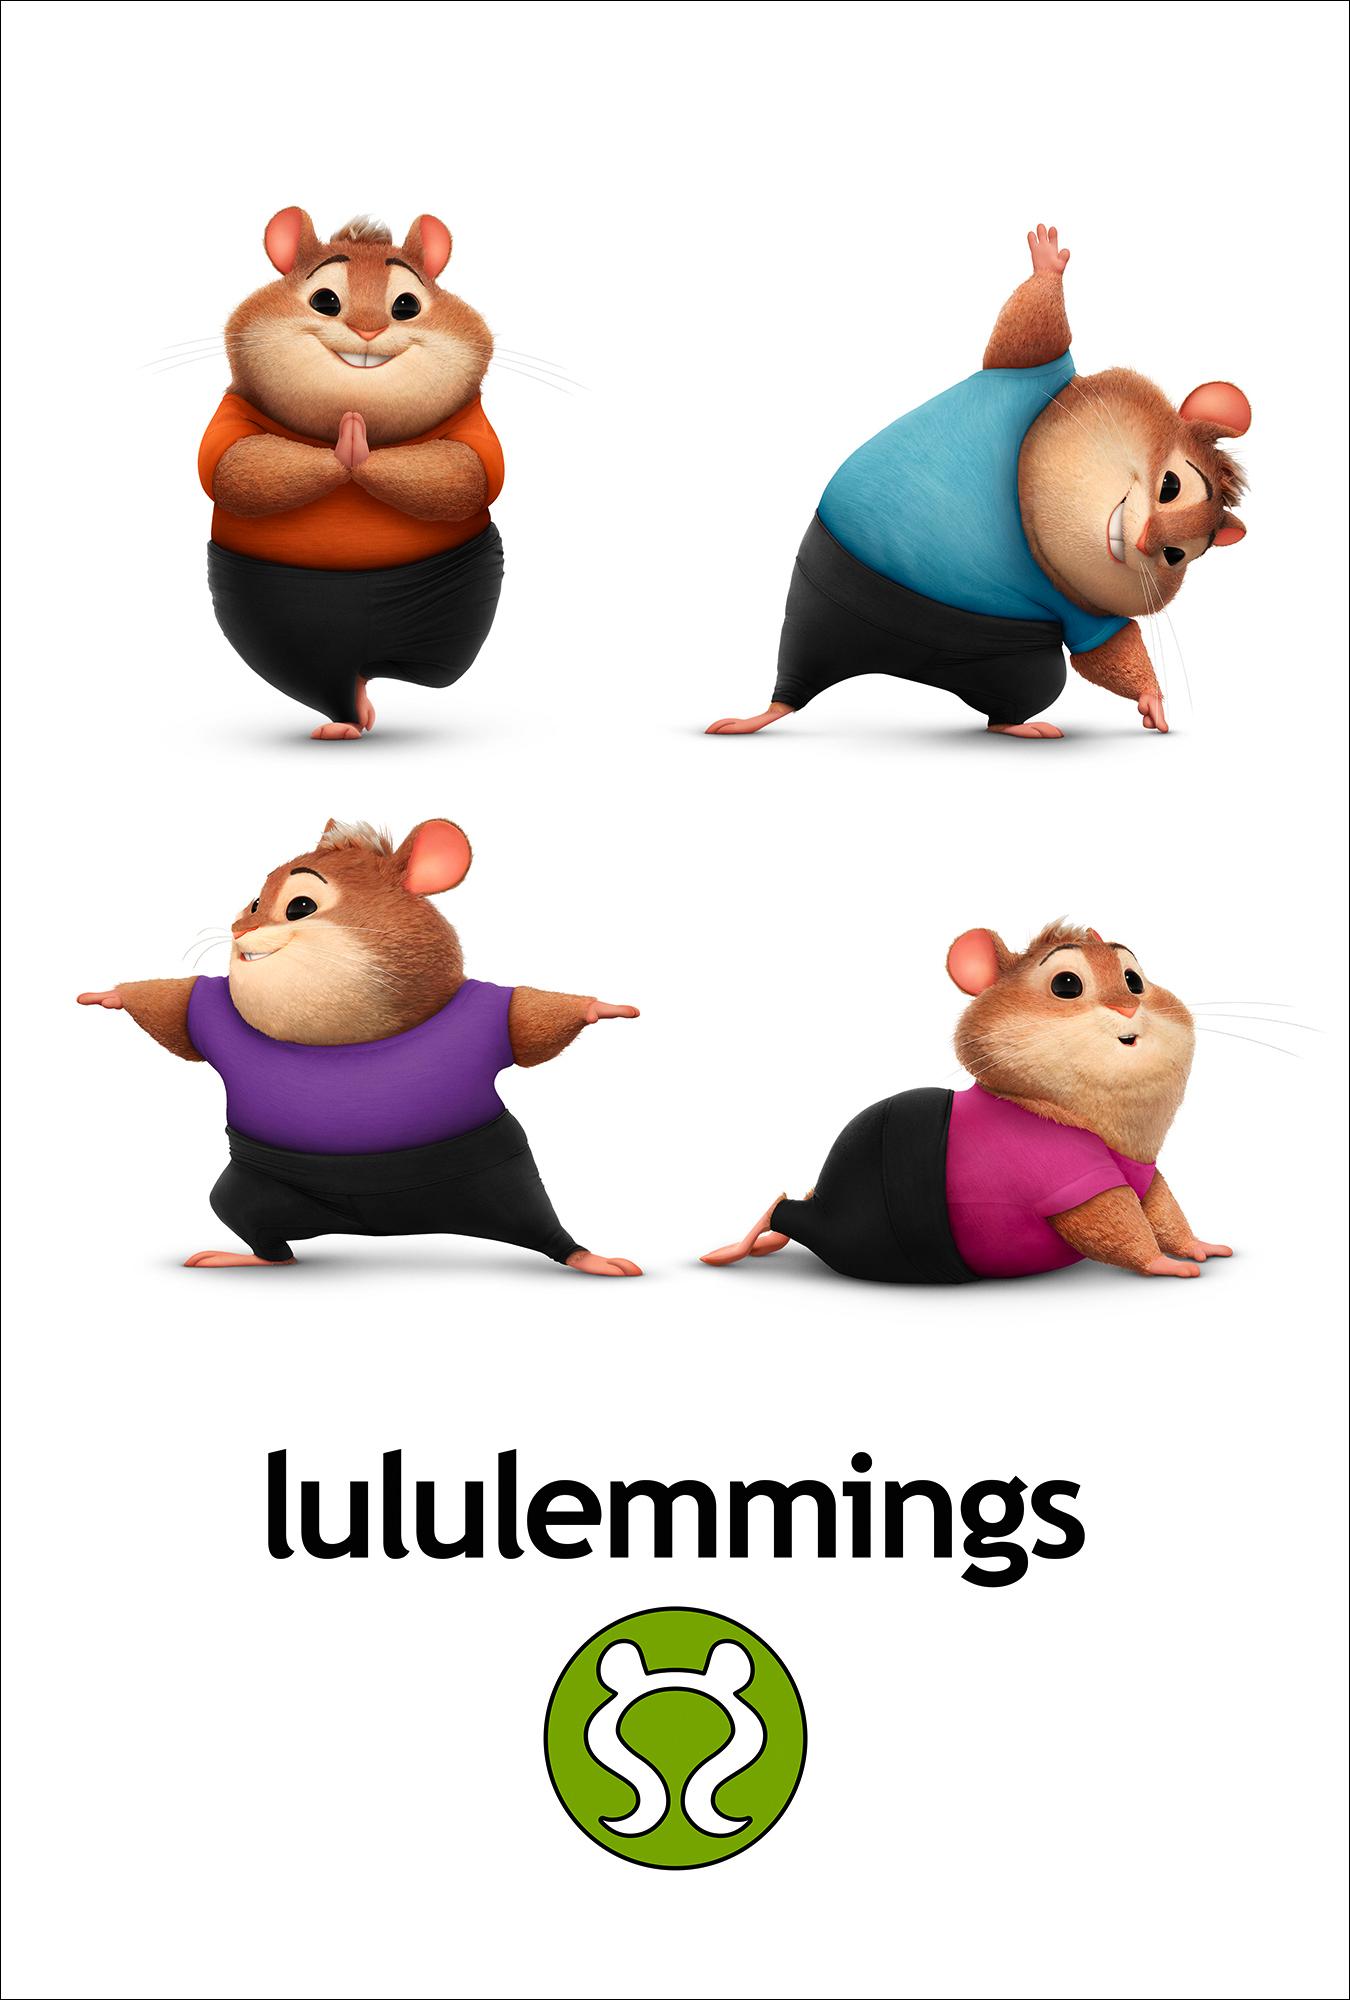 Zootopia_Lululemmings_Ad_w4.0_100dpi copy.jpg